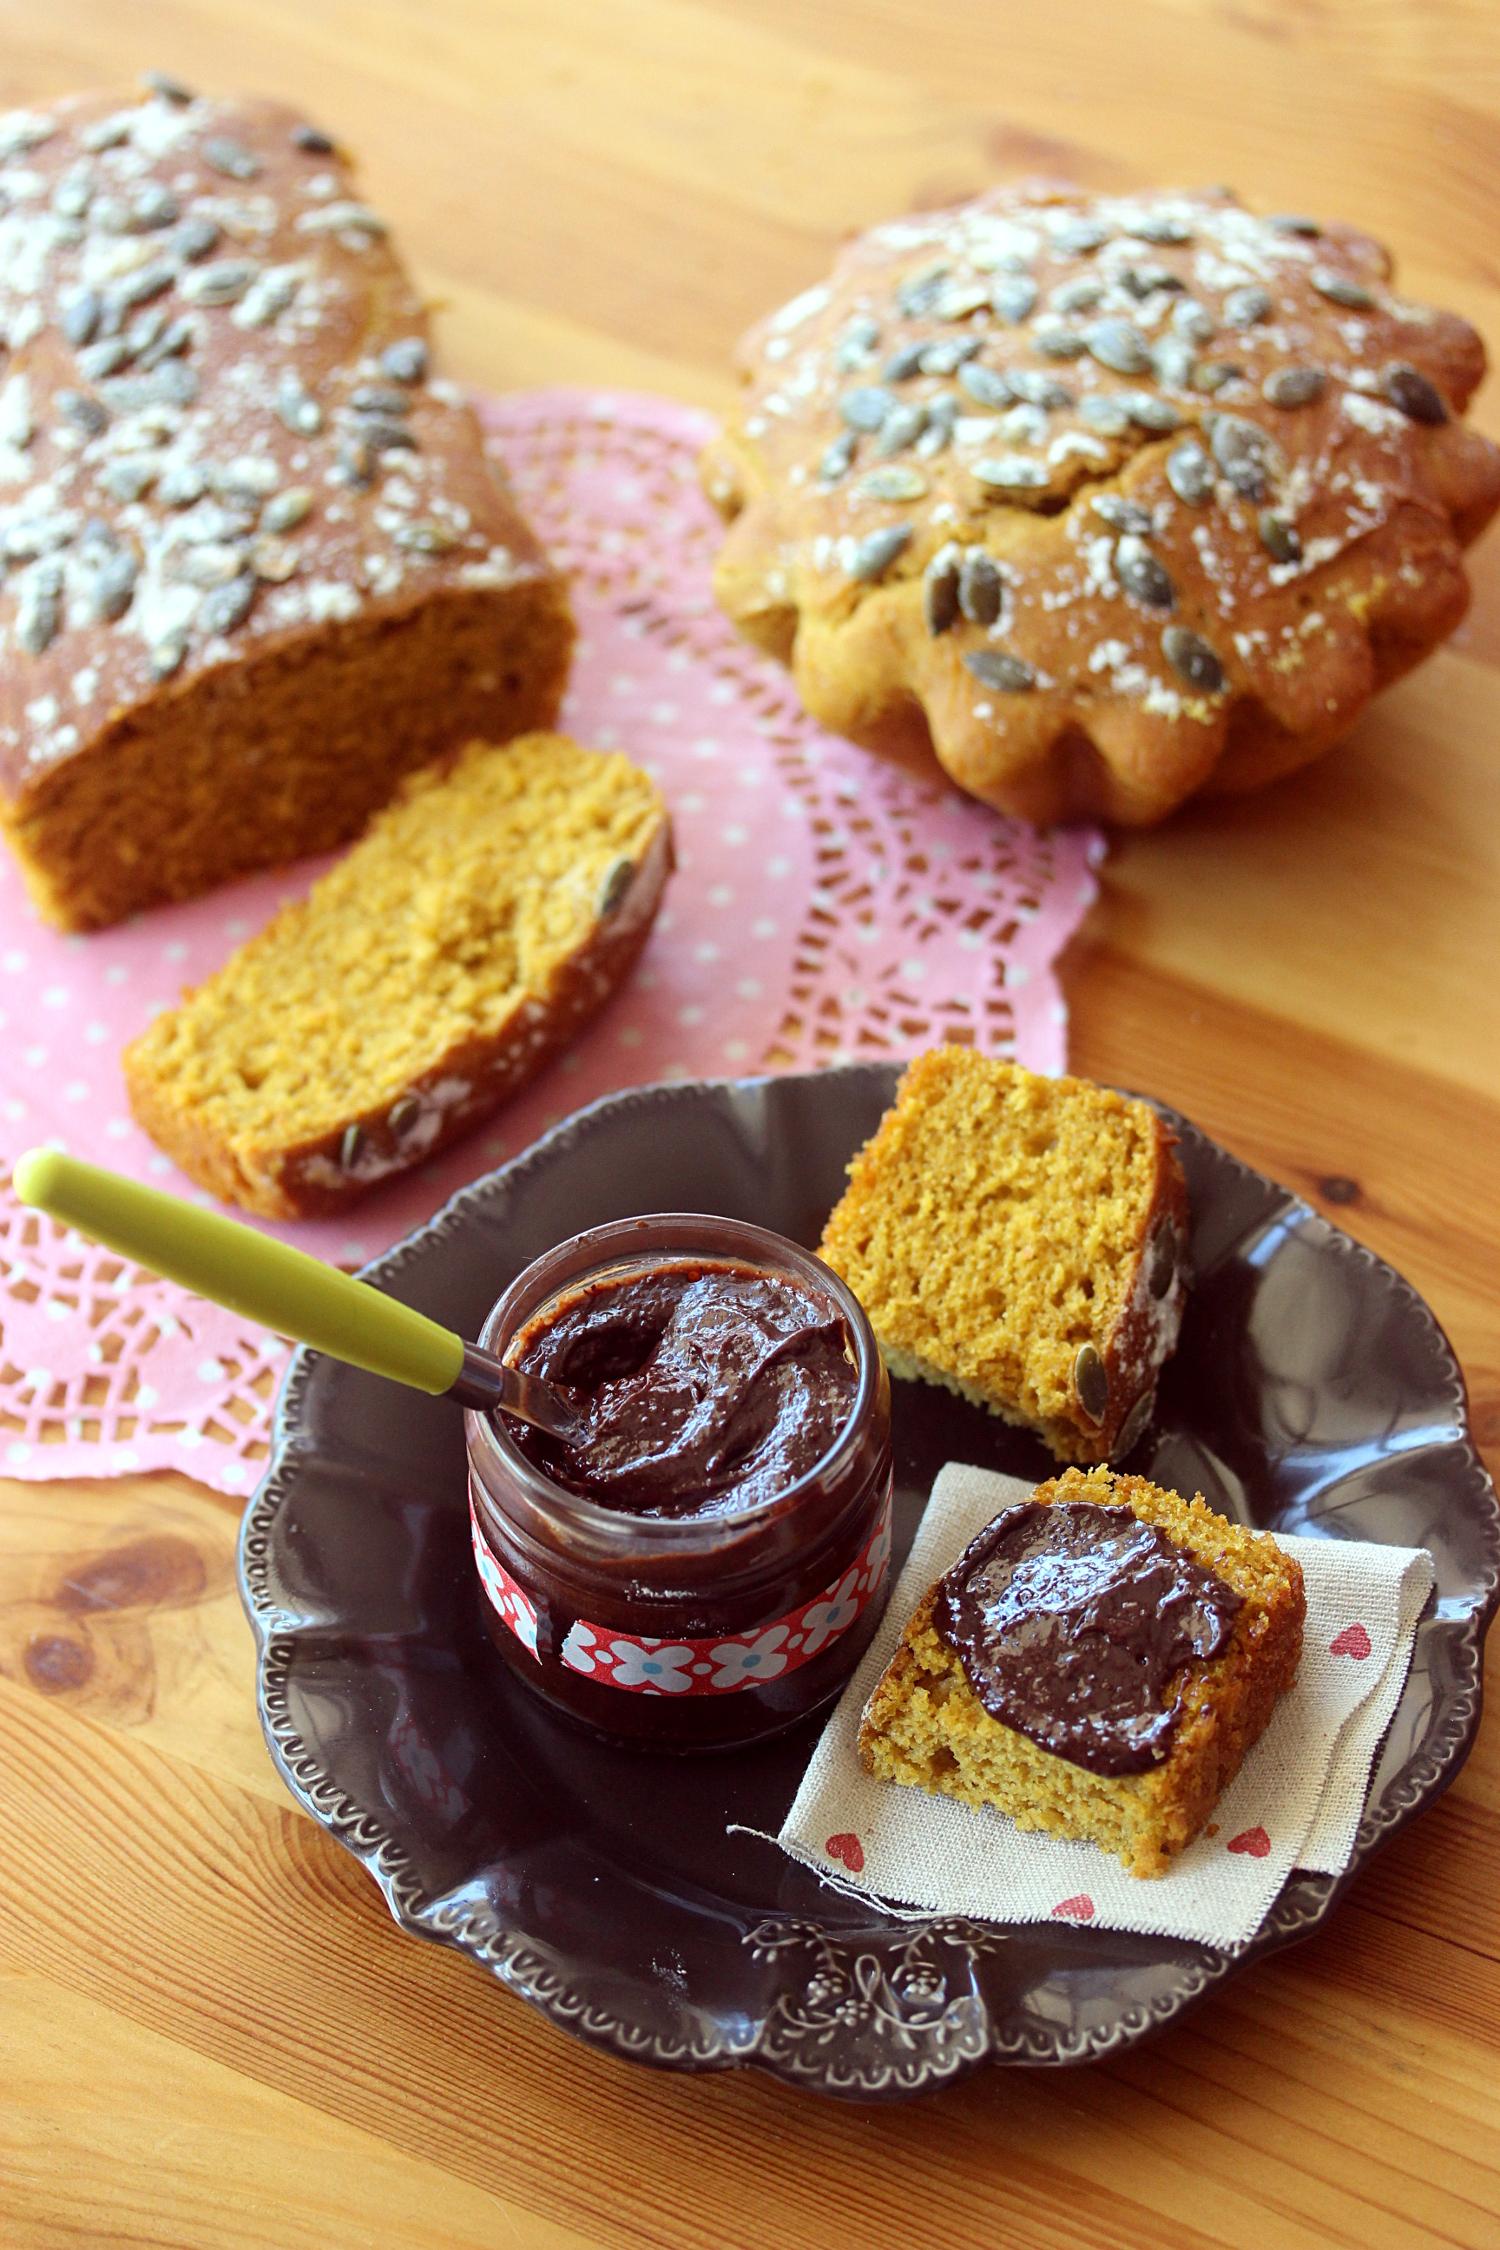 recette facile du pain au potimarron et p te tartiner au chocolat. Black Bedroom Furniture Sets. Home Design Ideas